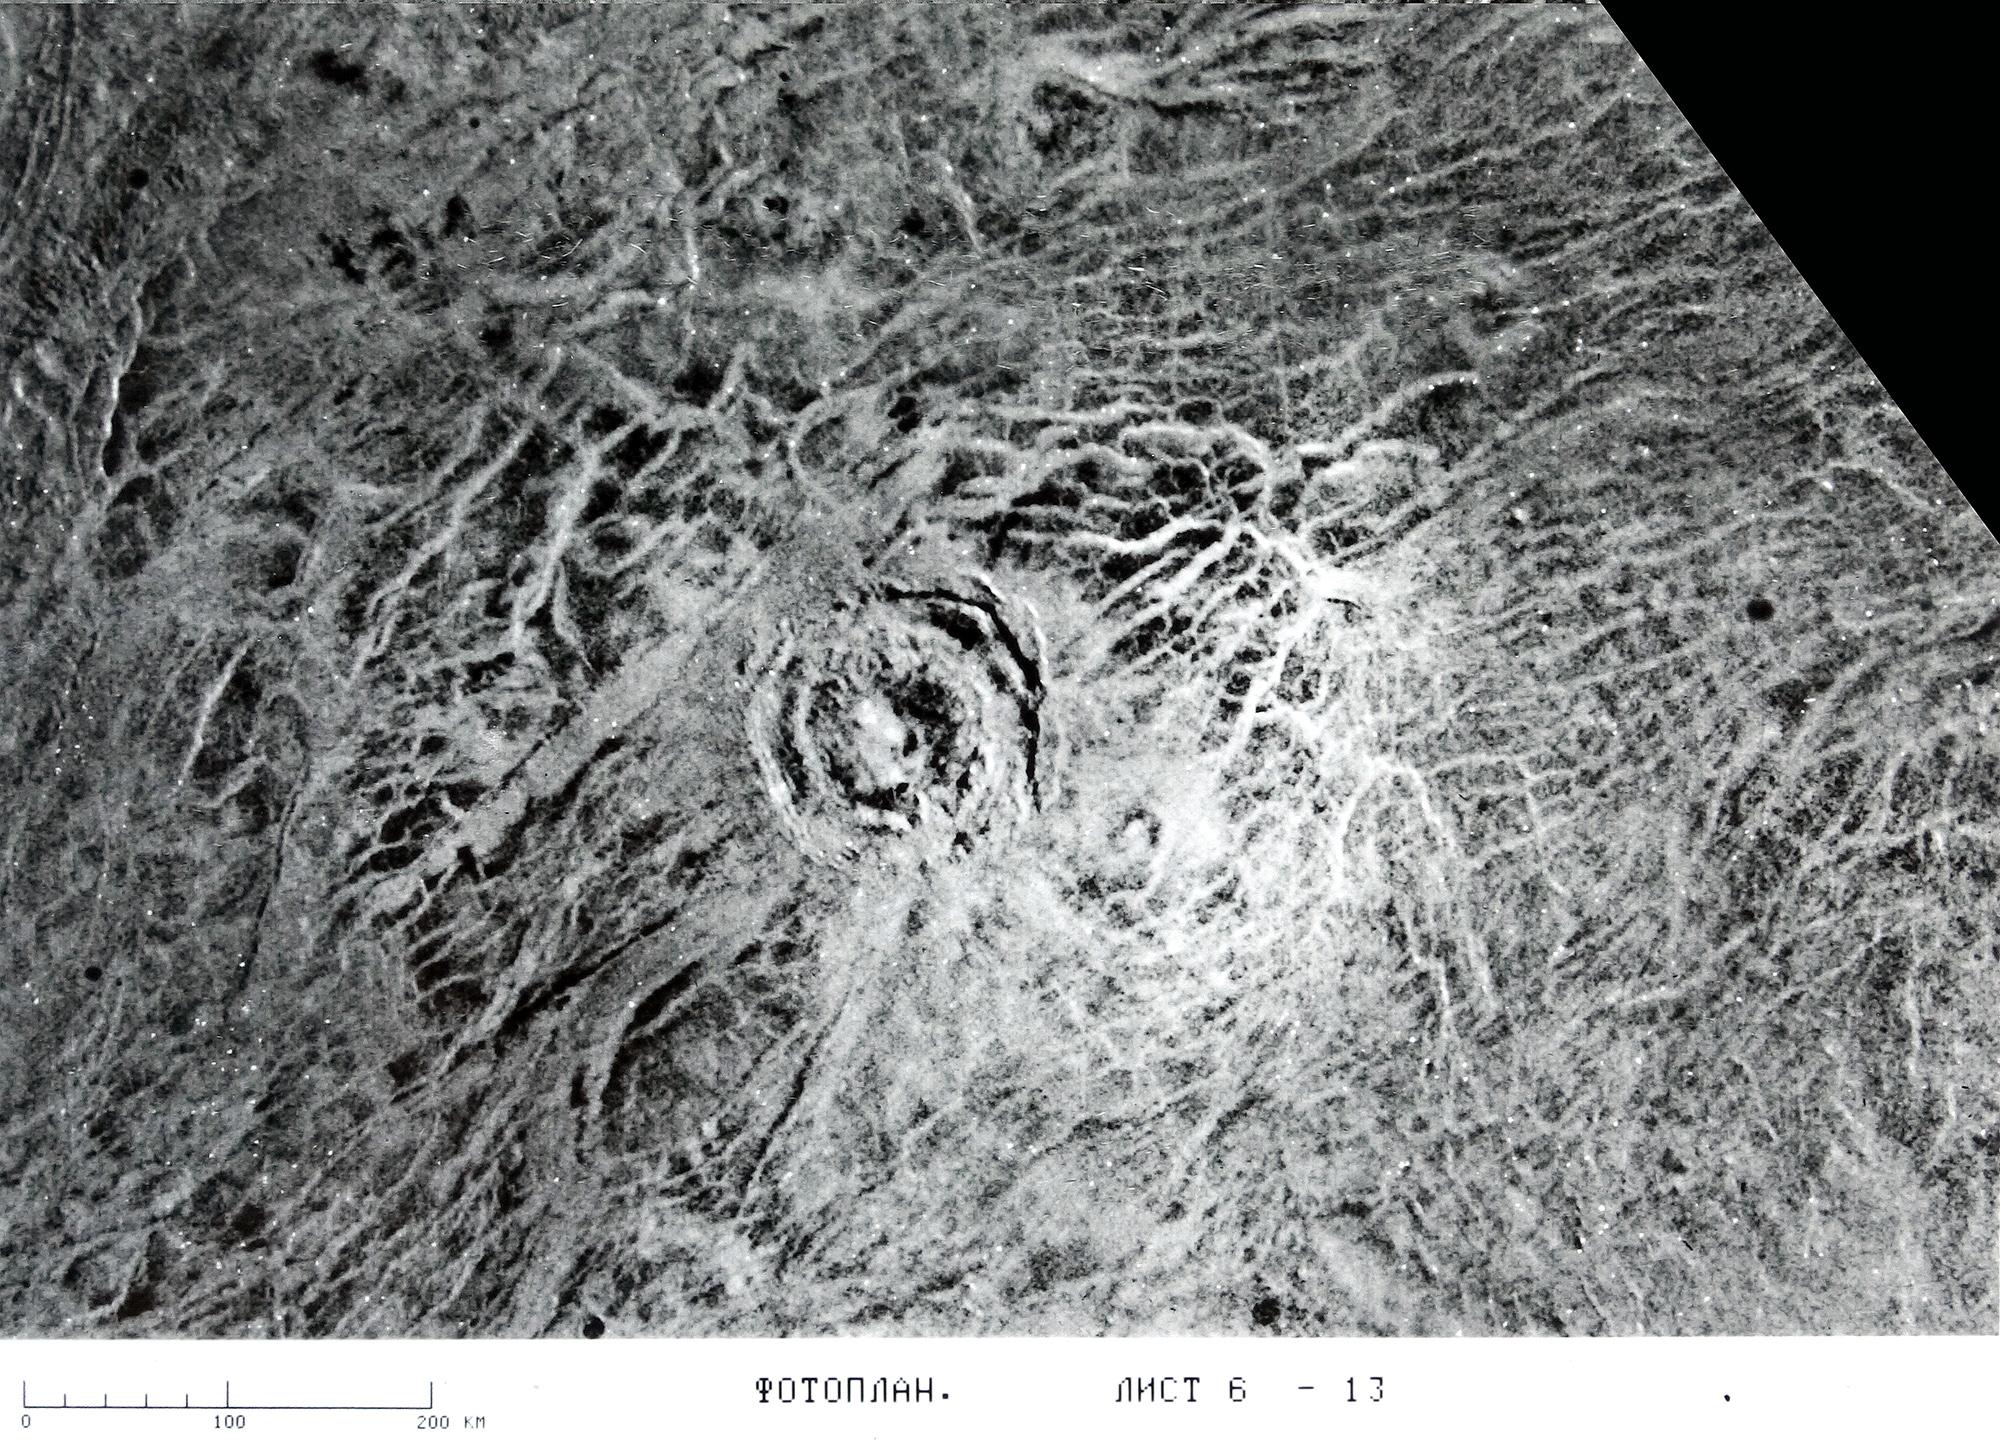 Радиолокационное изображение северных широт Венеры скосмического корабля СССР